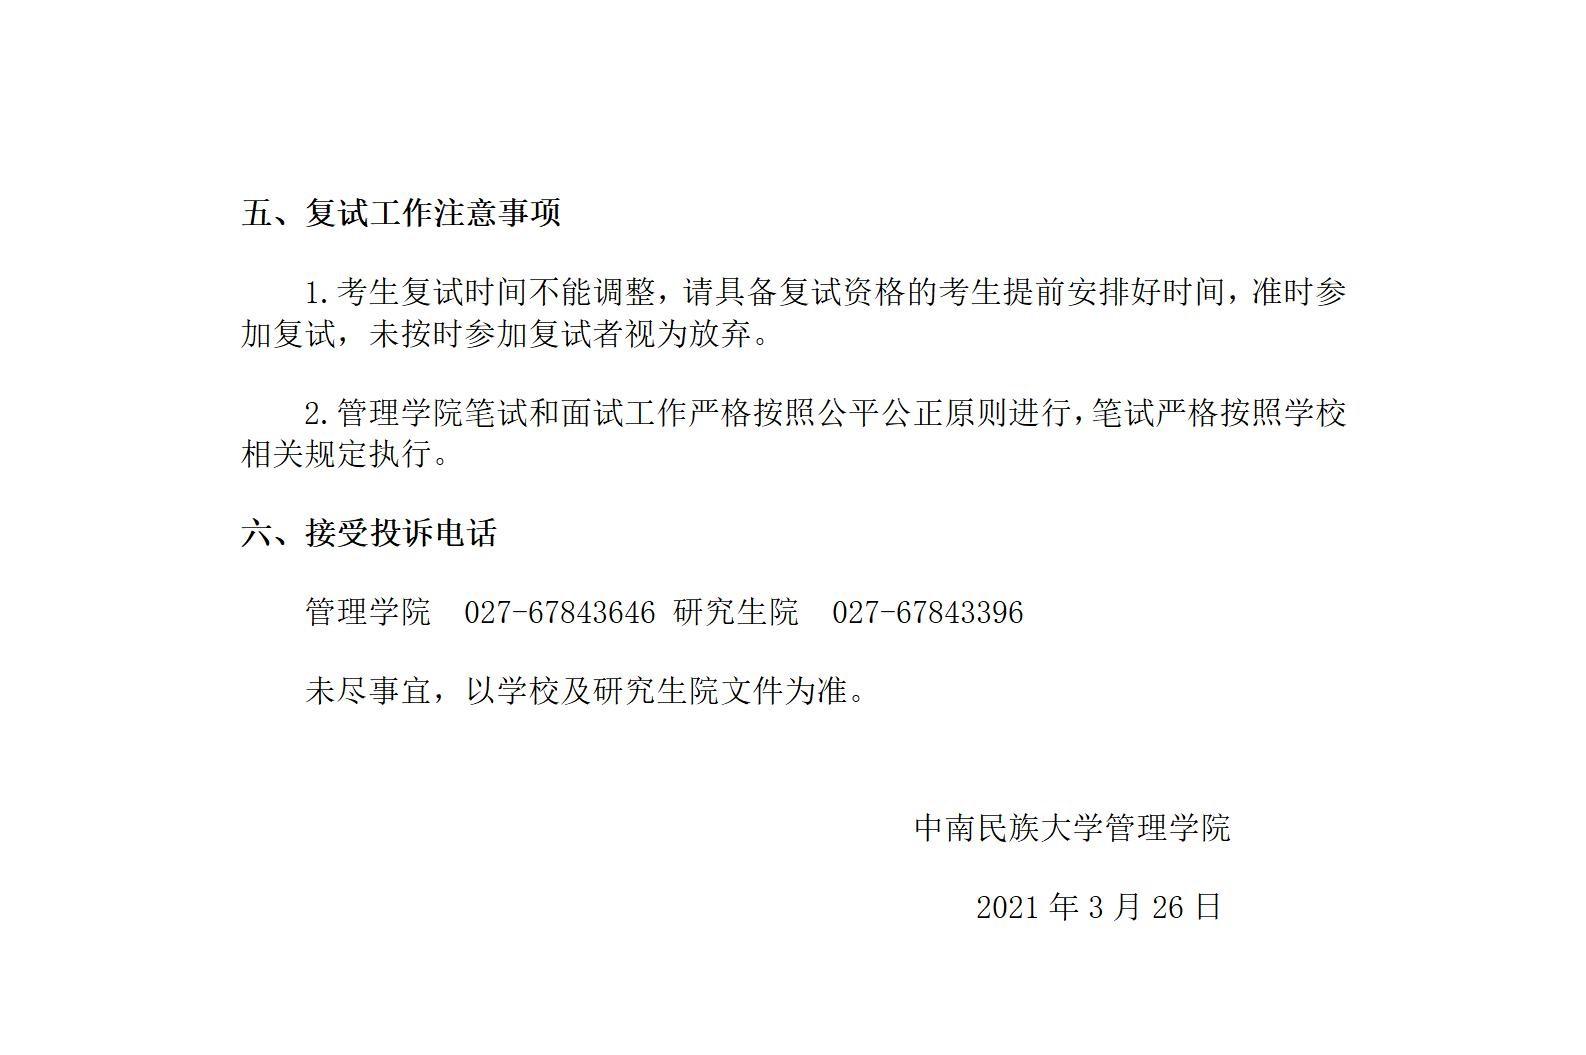 中南民族大学管理学院2021年硕士研究生复试录取细则